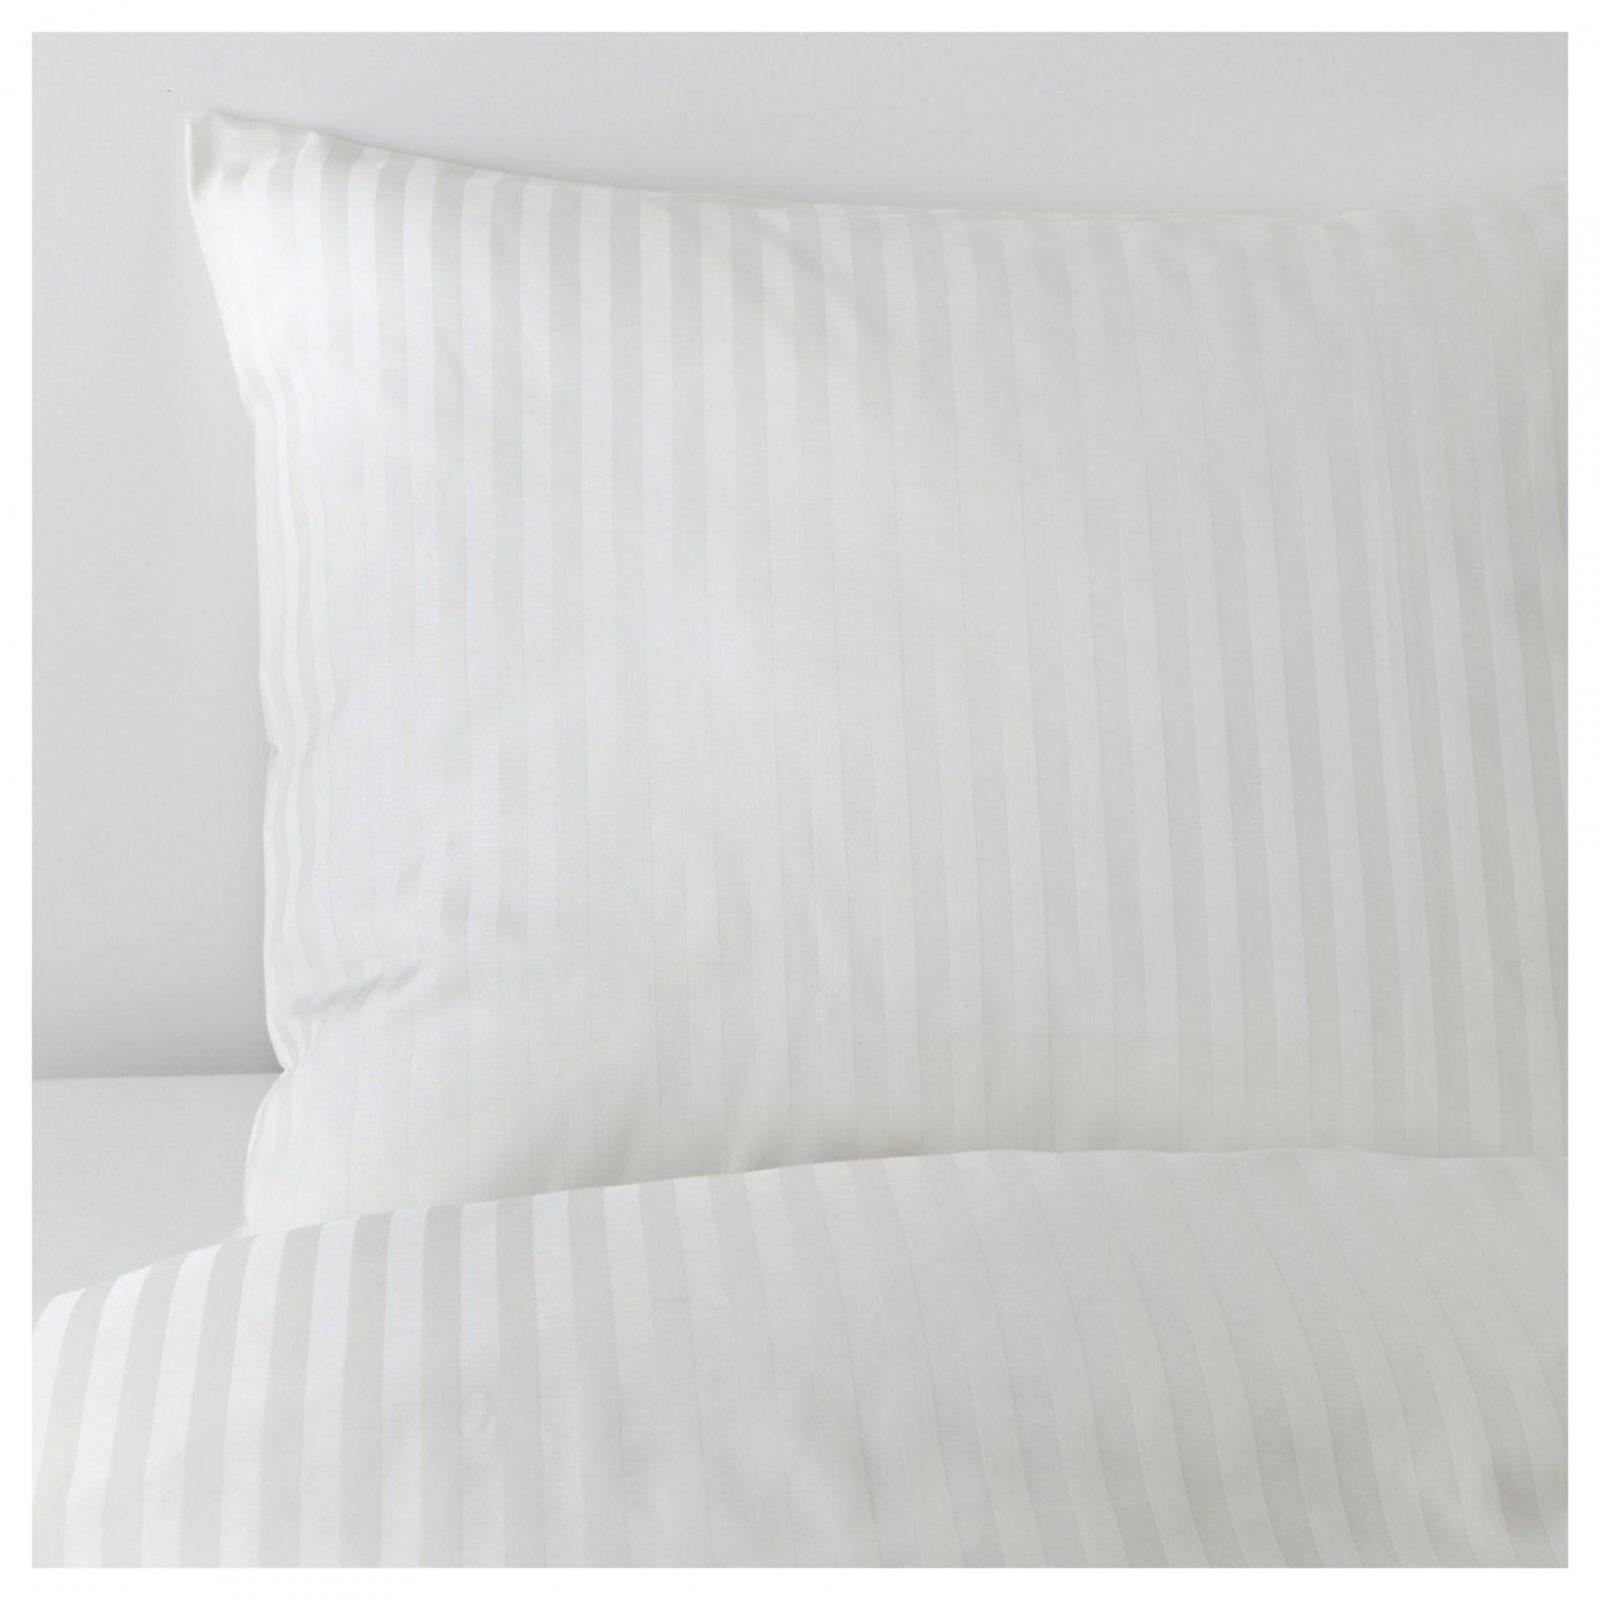 Neueste Bettwäsche Günstig Online Kaufen Ikea Zum Bettwäsche Schwarz von Ikea Bettwäsche 200X220 Bild